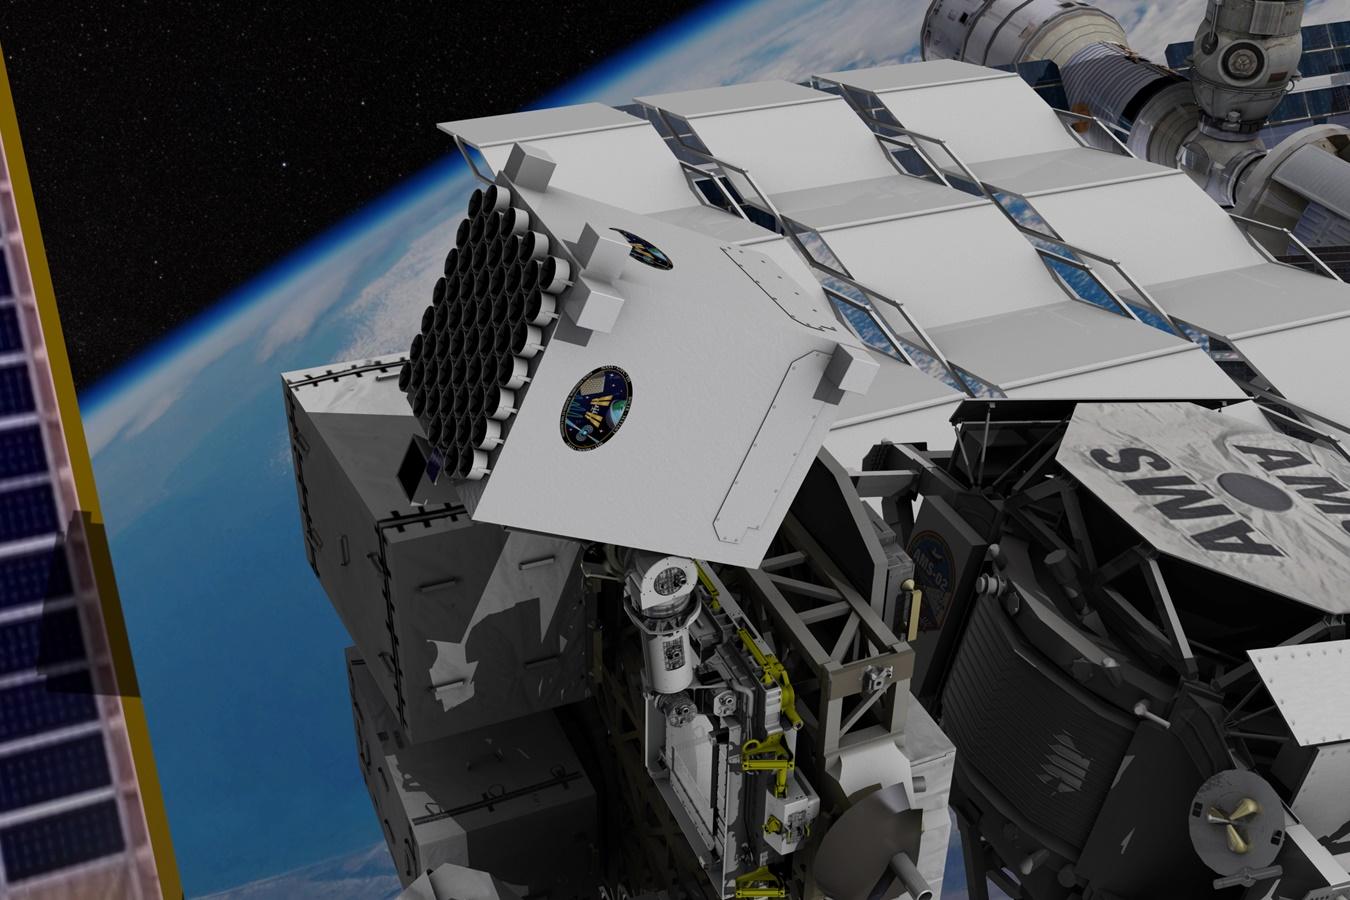 Imagem de NASA demonstra sistema de navegação espacial autônomo através de raio-X no tecmundo